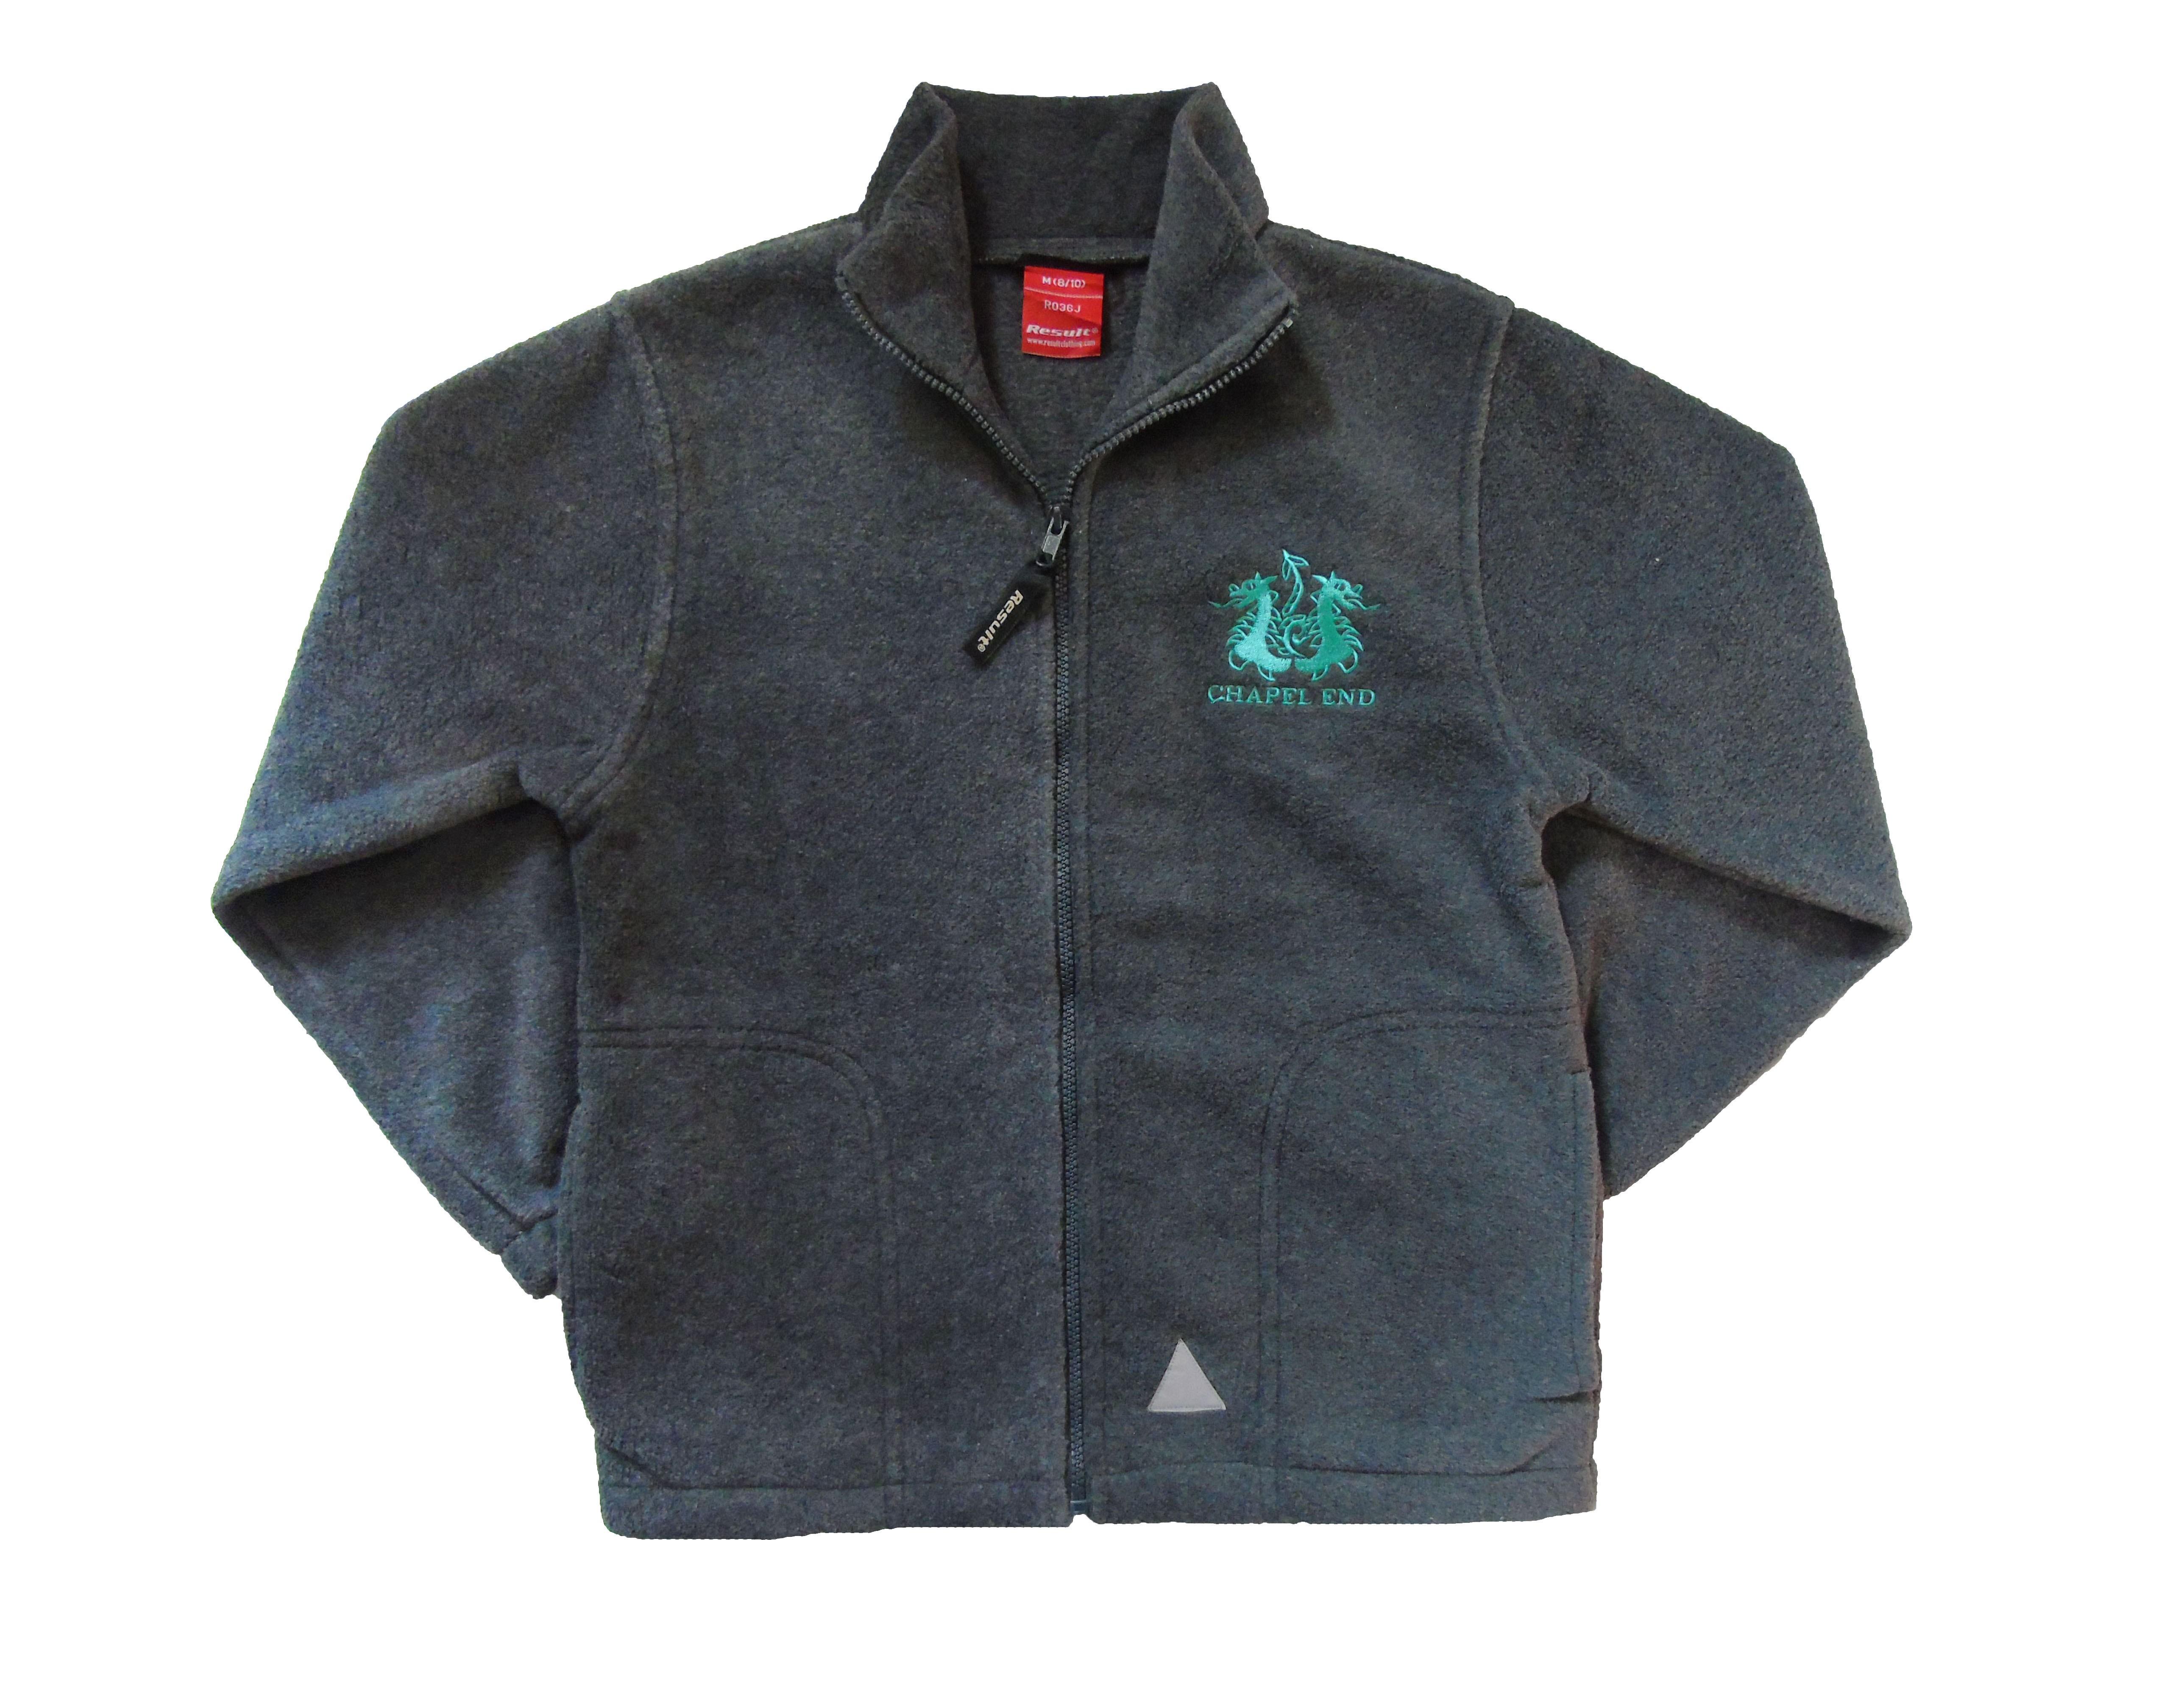 Chapel End Junior Fleece Jacket